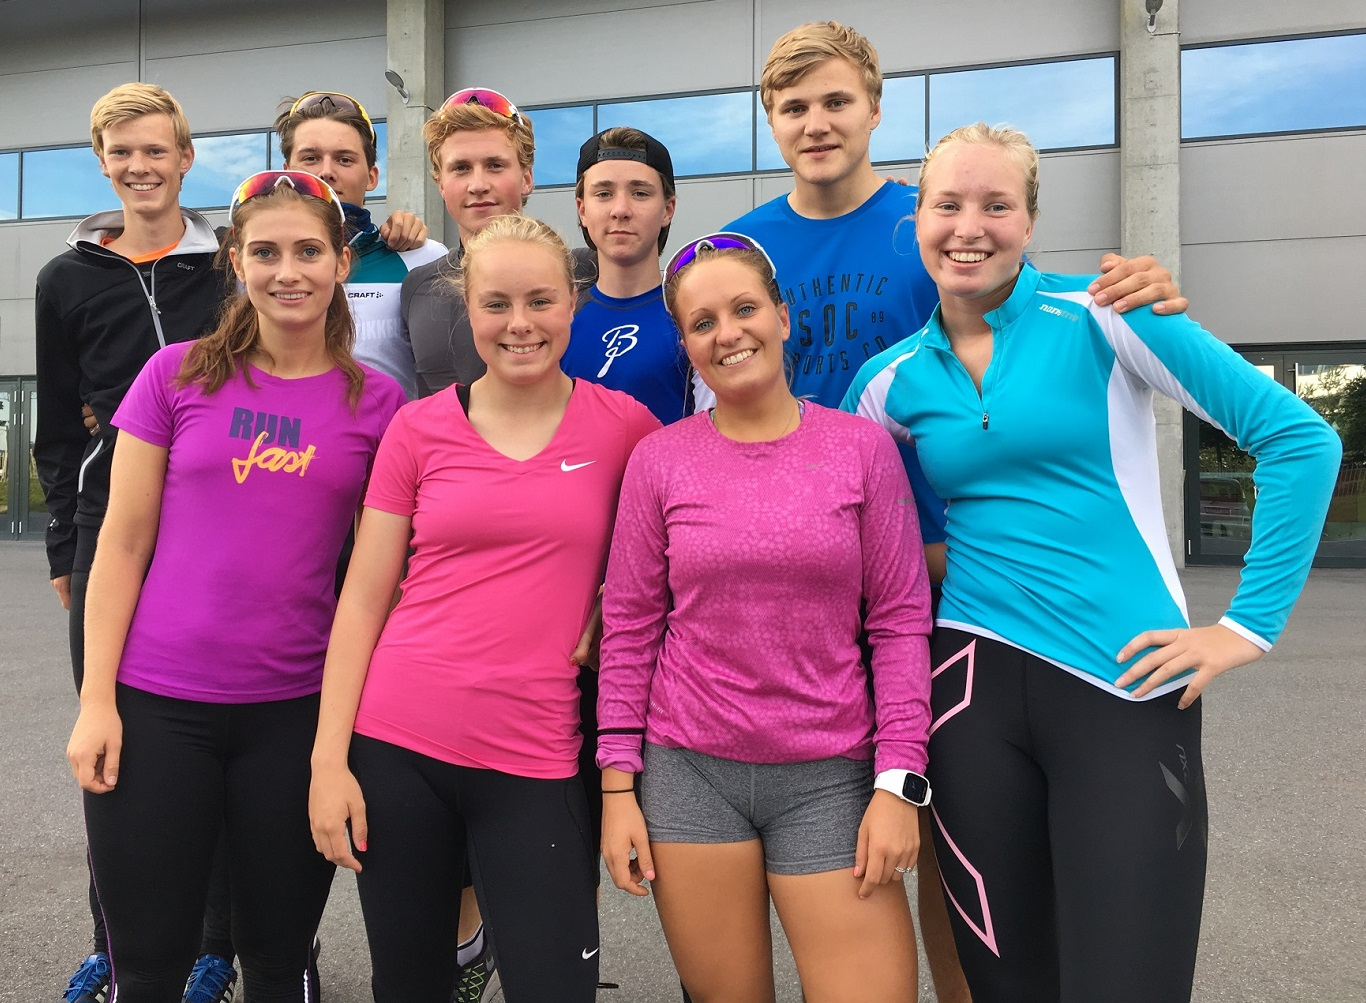 Klubbens nye treningsgruppe.Gutta fra venstre: Thomas, Allan, Marius, Kyrre og Jonas Jentene fra venstre: Rannei, Ylva, Marichen og Ragne